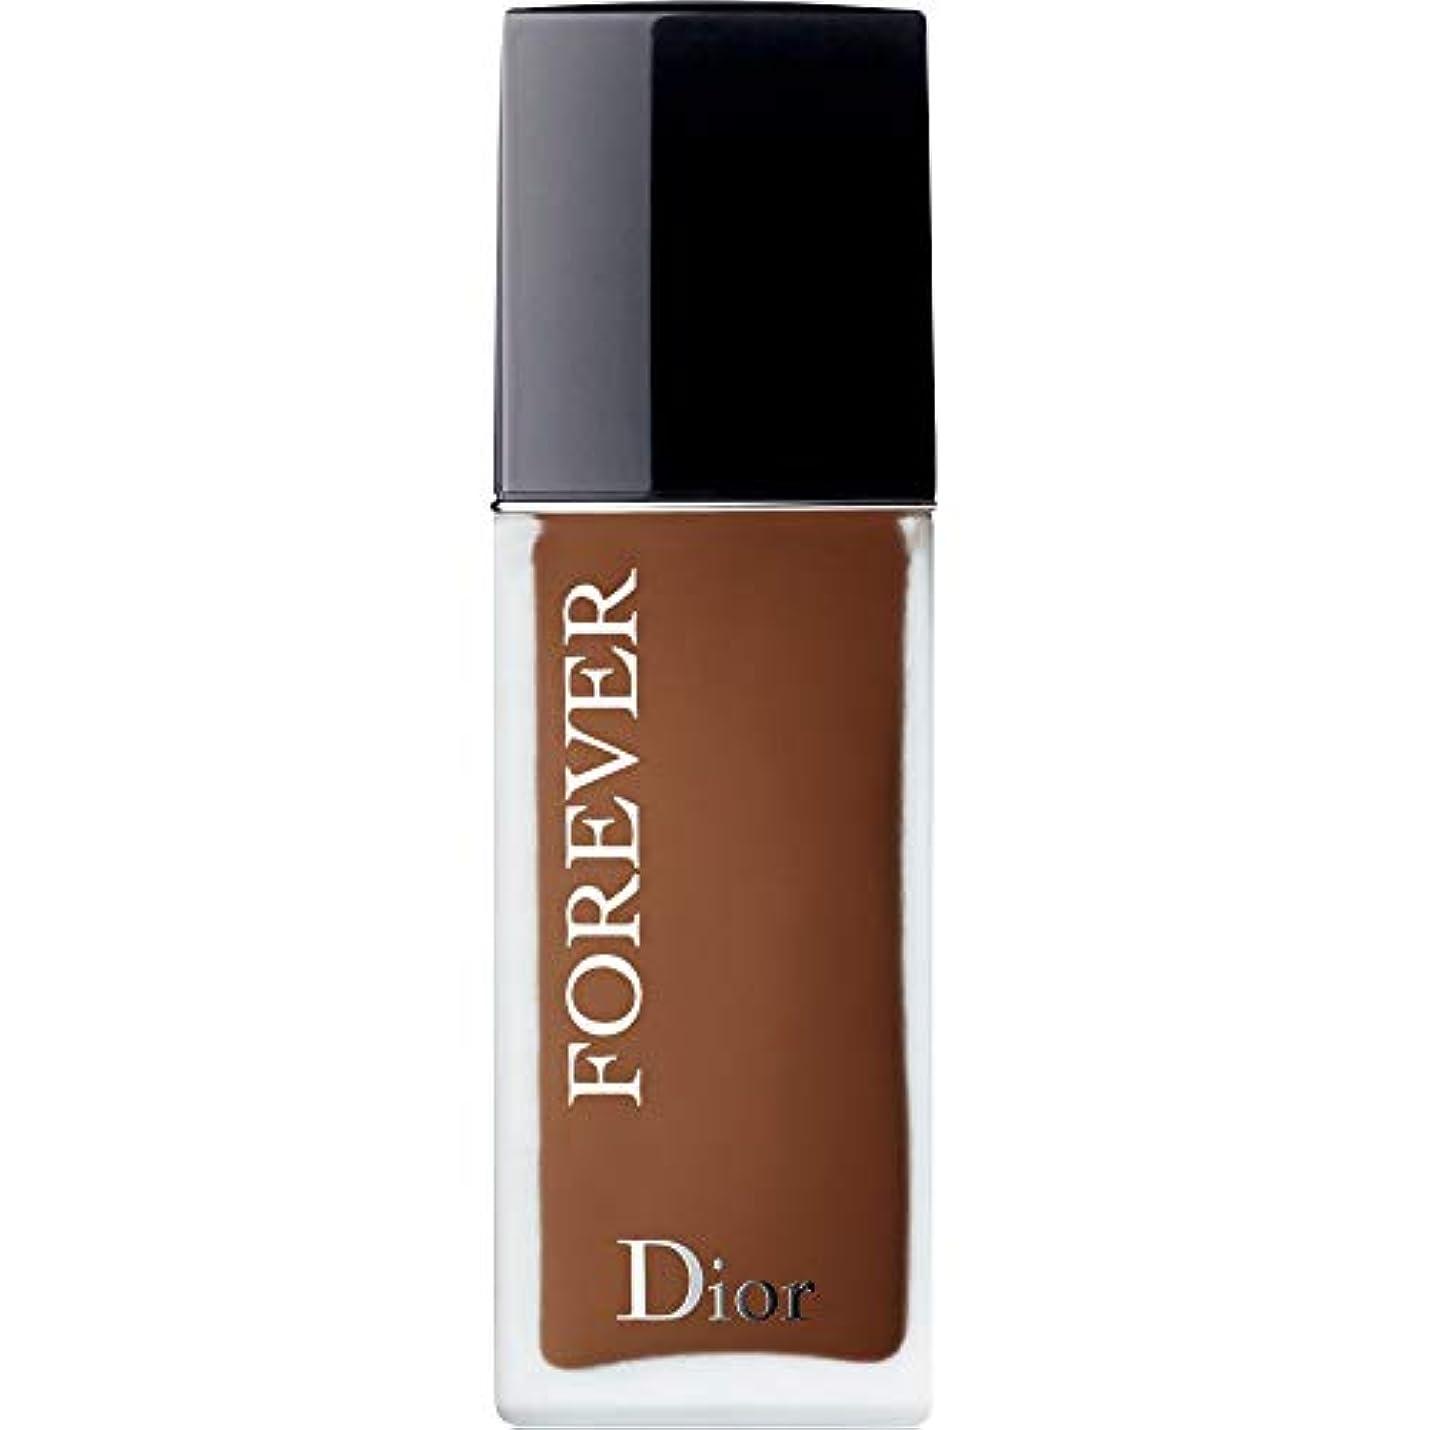 何もない権限を与えるなす[Dior ] ディオール永遠皮膚思いやりの基盤Spf35 30ミリリットルの8N - ニュートラル(つや消し) - DIOR Forever Skin-Caring Foundation SPF35 30ml 8N -...